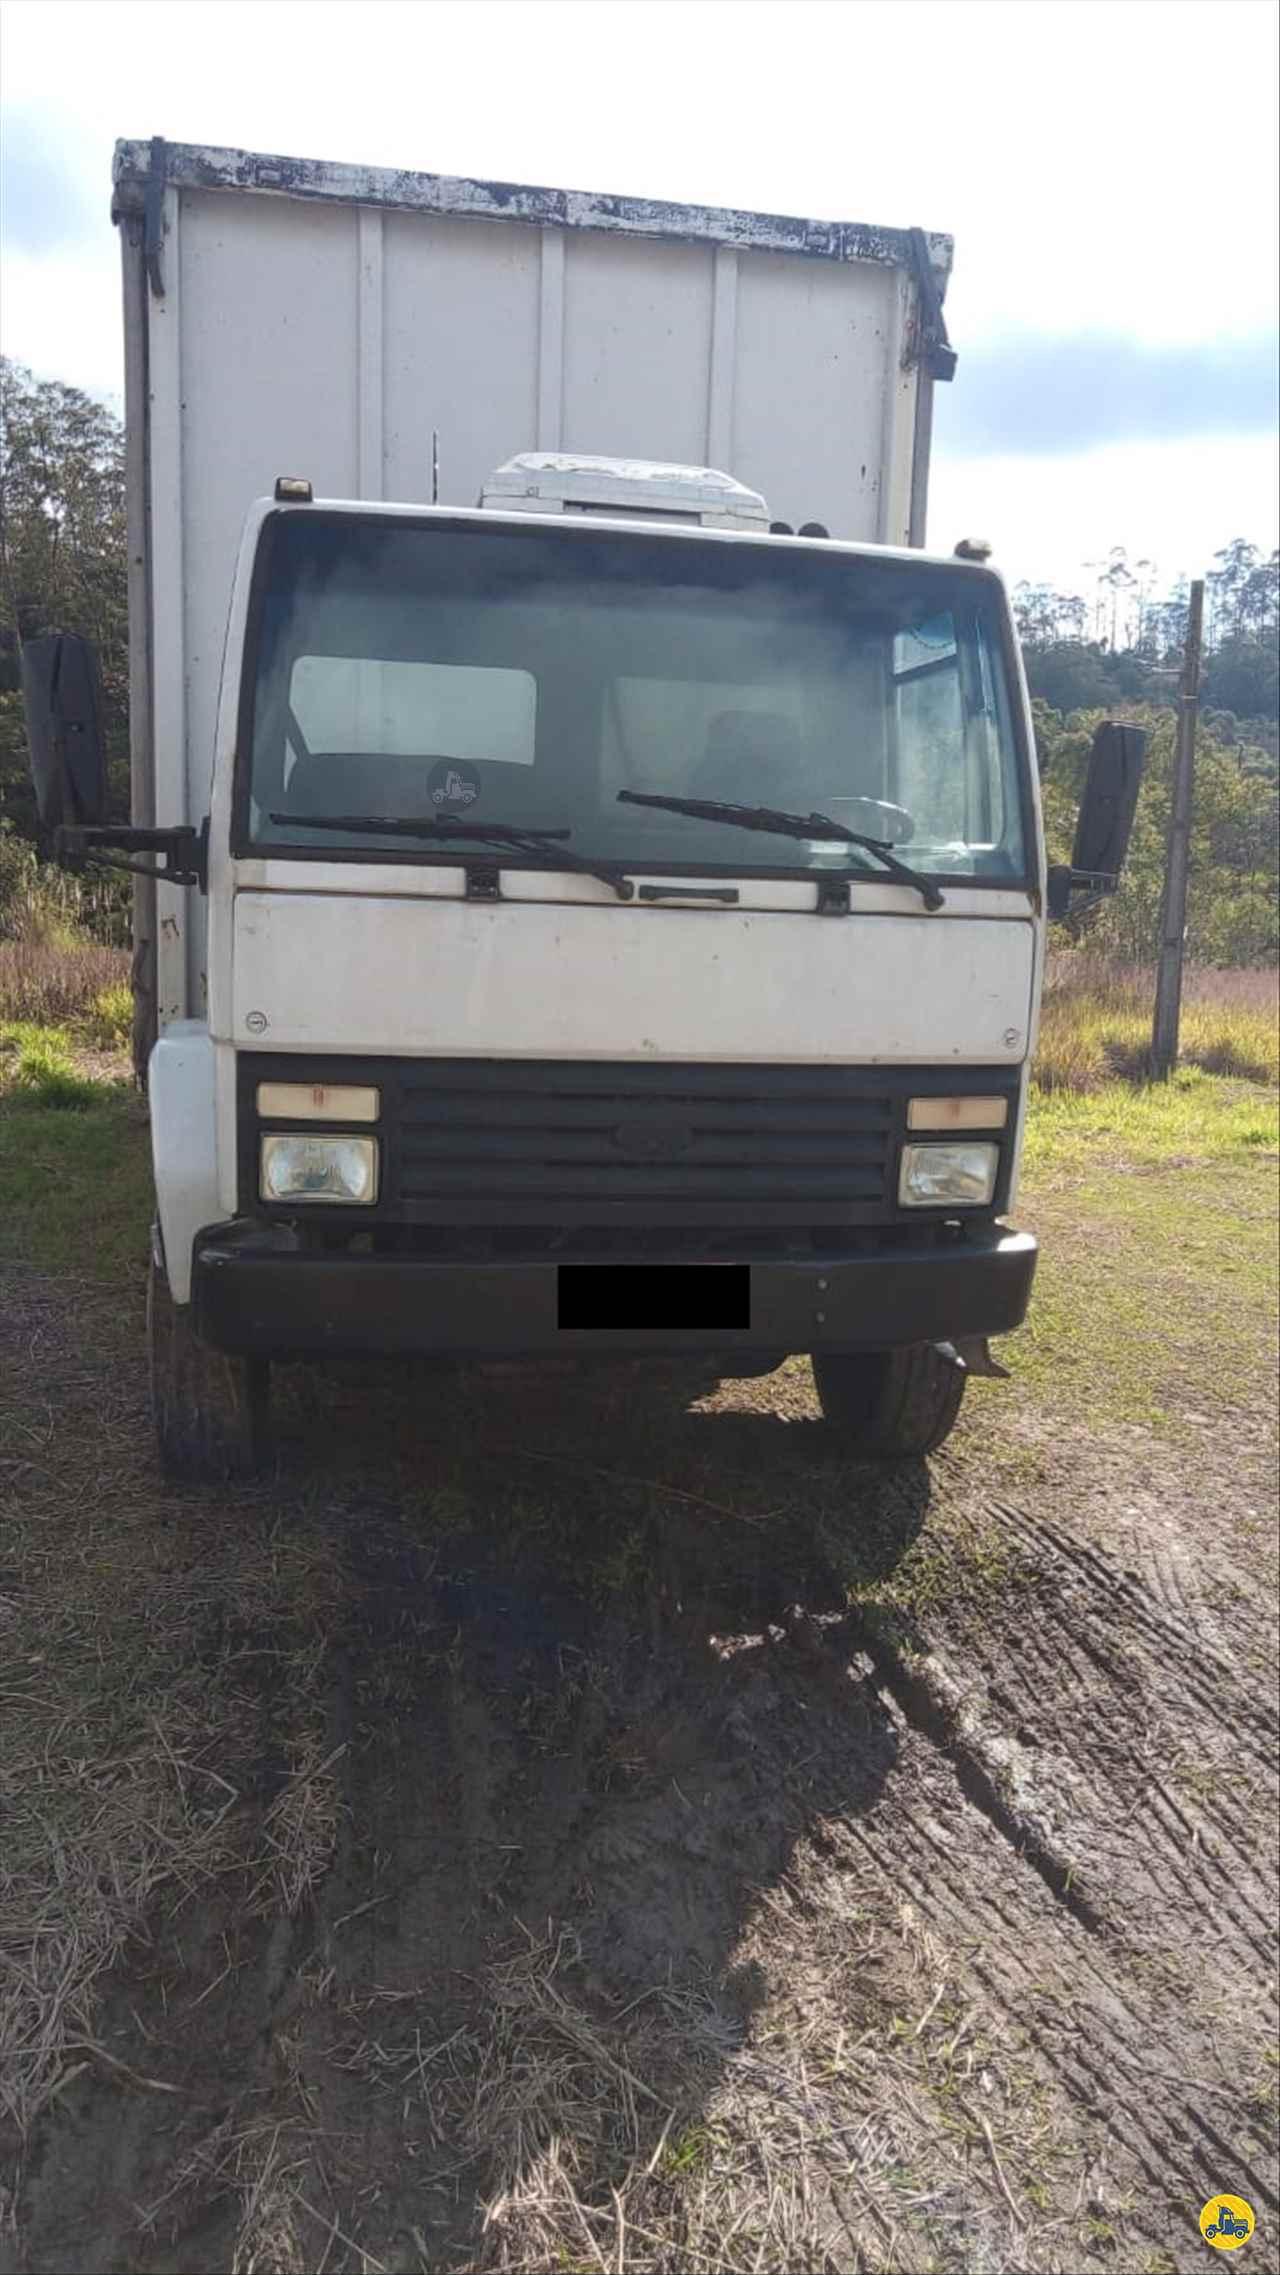 CAMINHAO FORD CARGO 1622 Baú Sider Truck 6x2 Wilson Caminhões RIBEIRAO PIRES SÃO PAULO SP